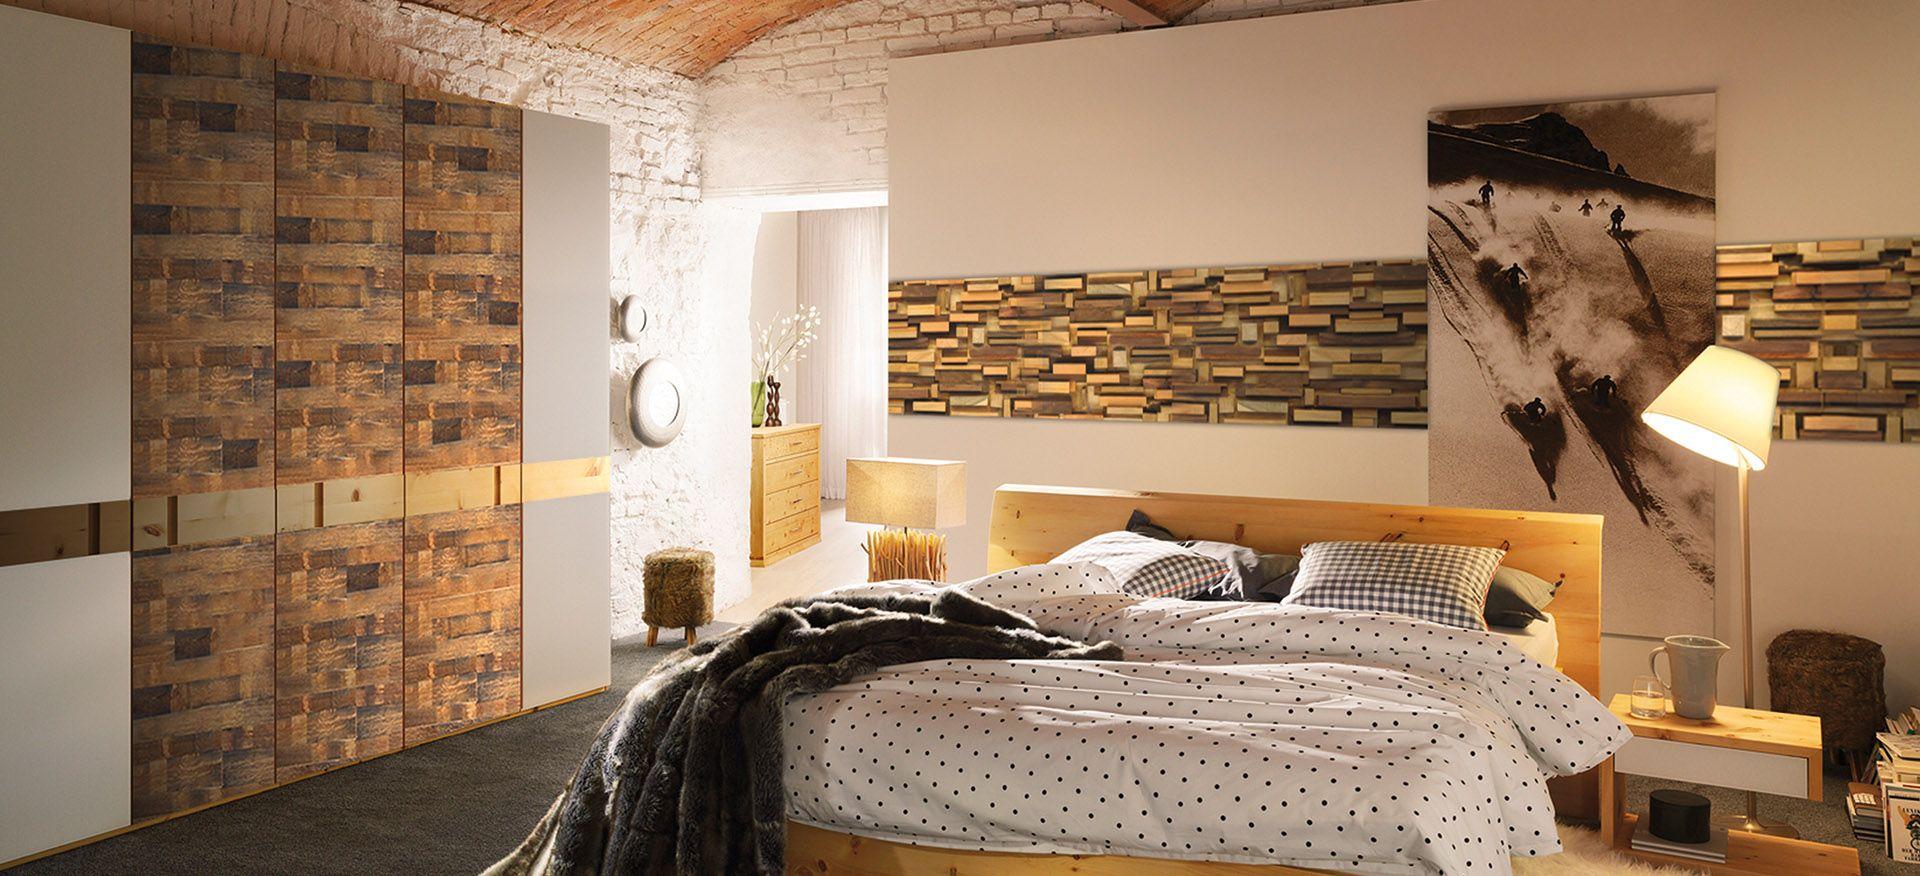 schlafzimmer gestalten mit steinwand  Home, Home decor, Decor